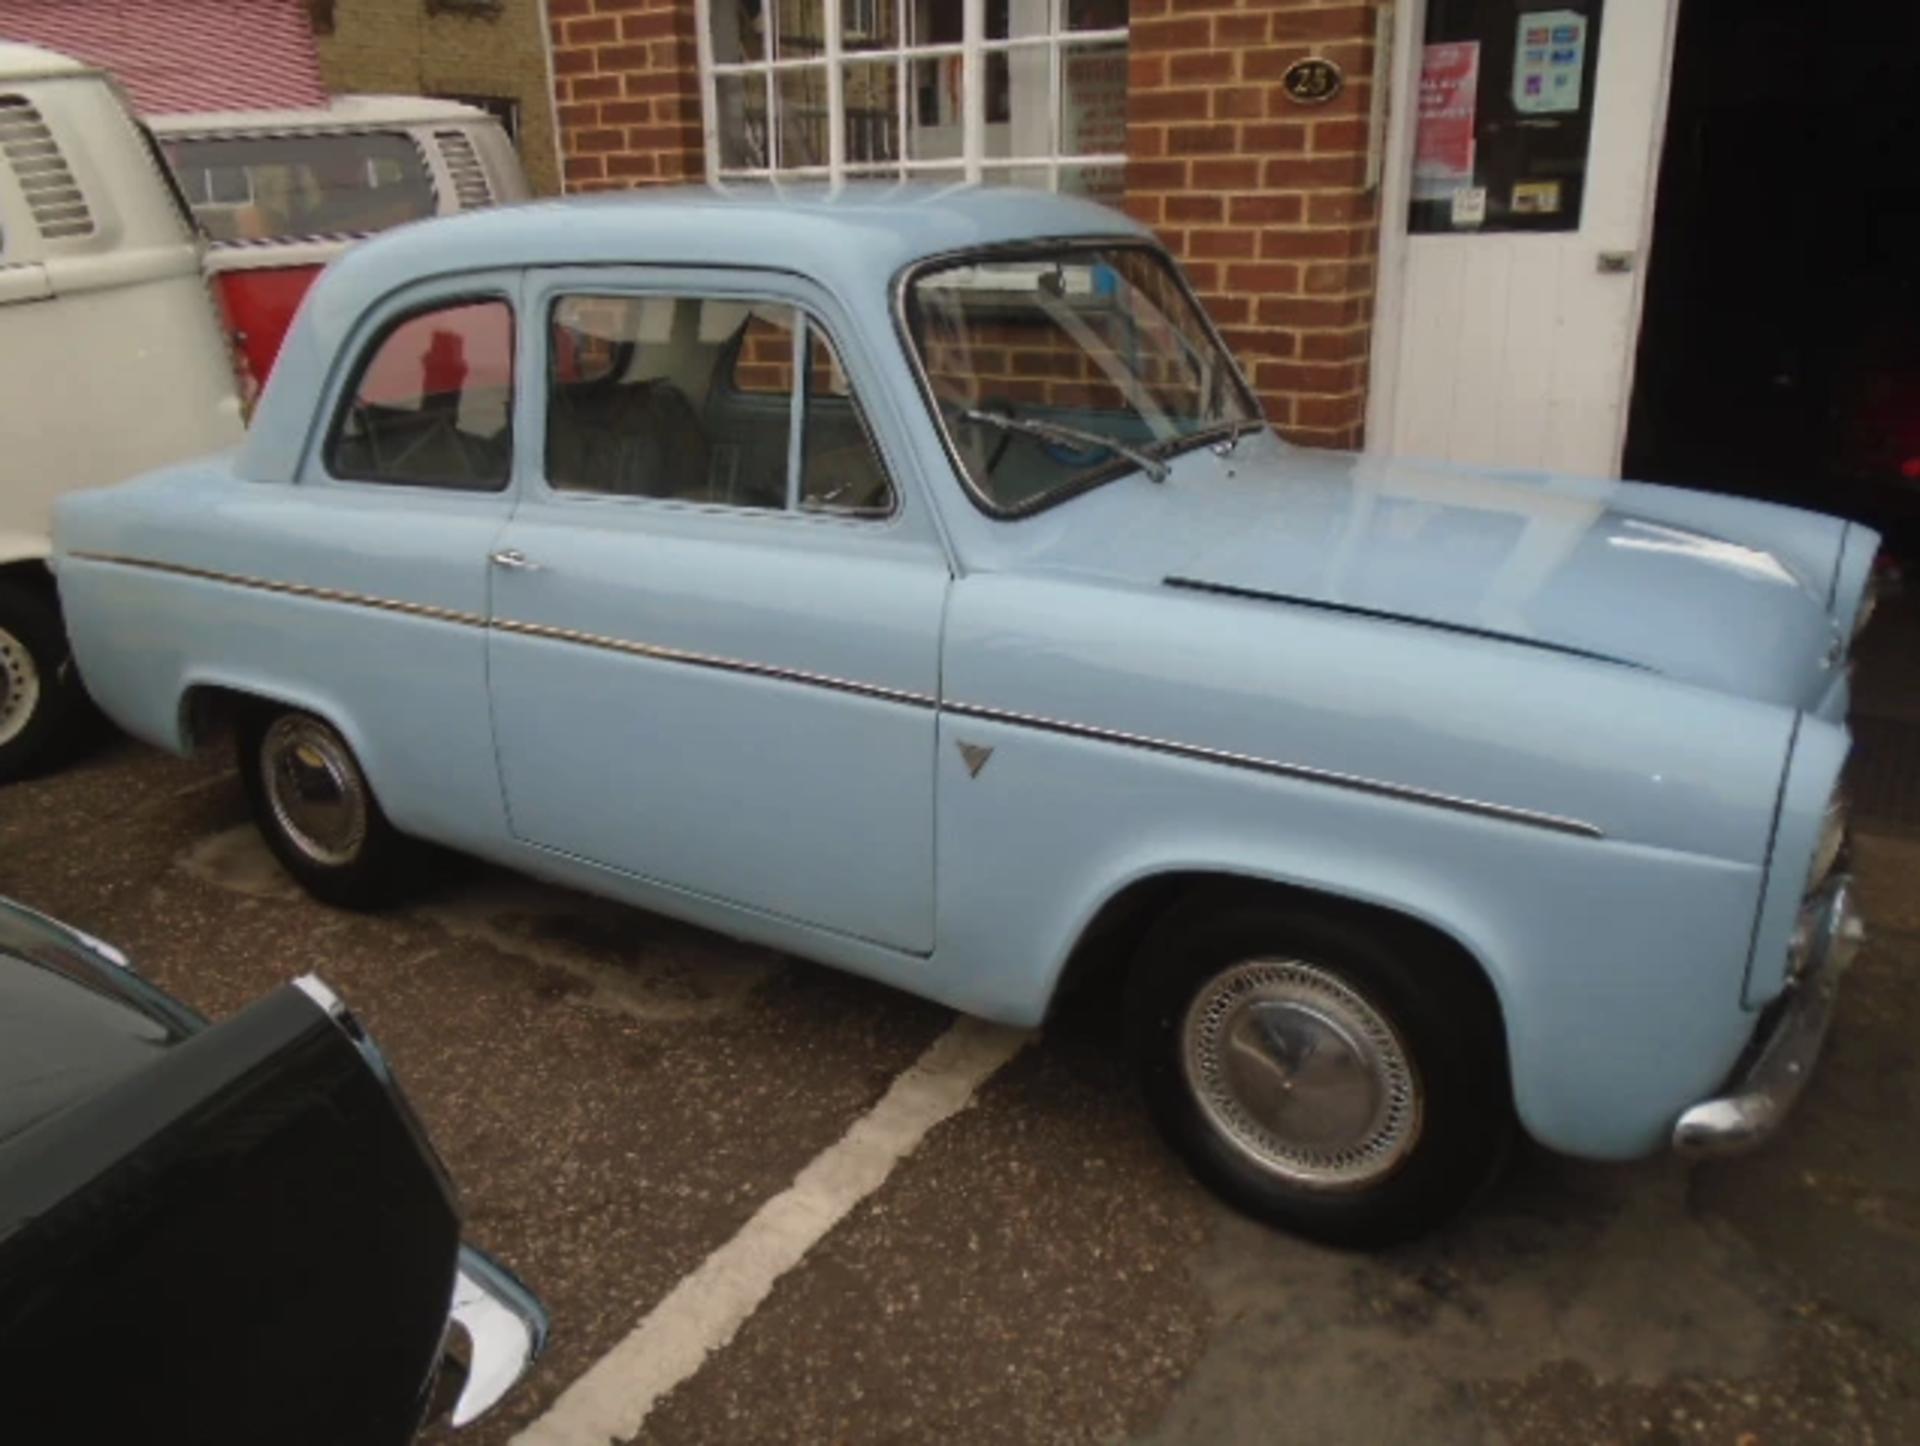 1958 Ford Anglia 100E - Image 2 of 6